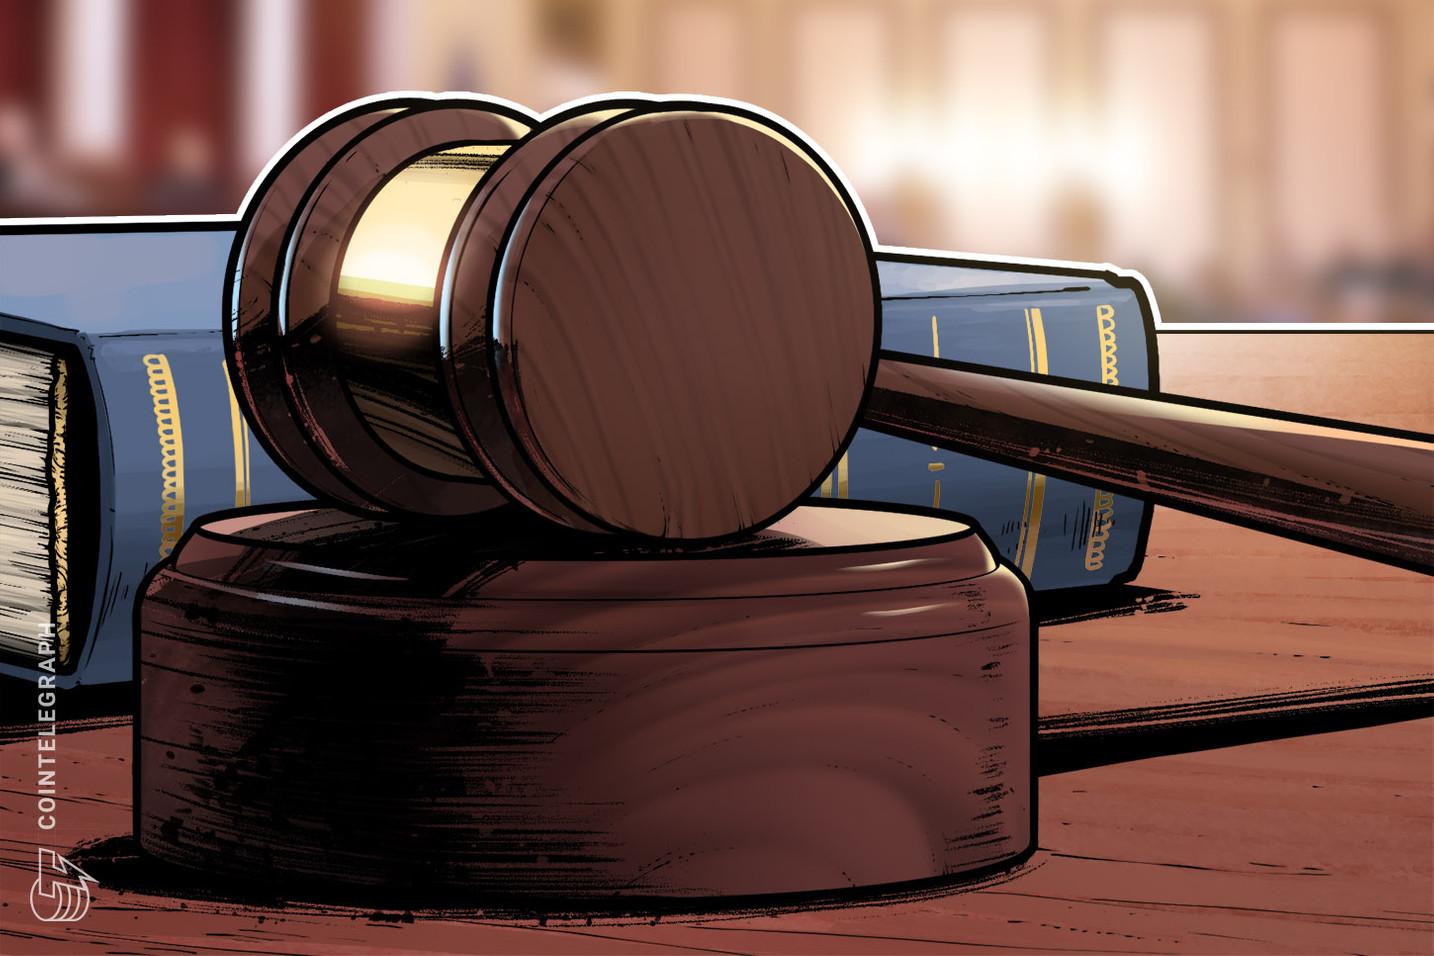 Texanisches Gericht verhängt eine Geldstrafe in Höhe von 400.000 US-Dollar wegen Bitcoin-Betrugsschemas